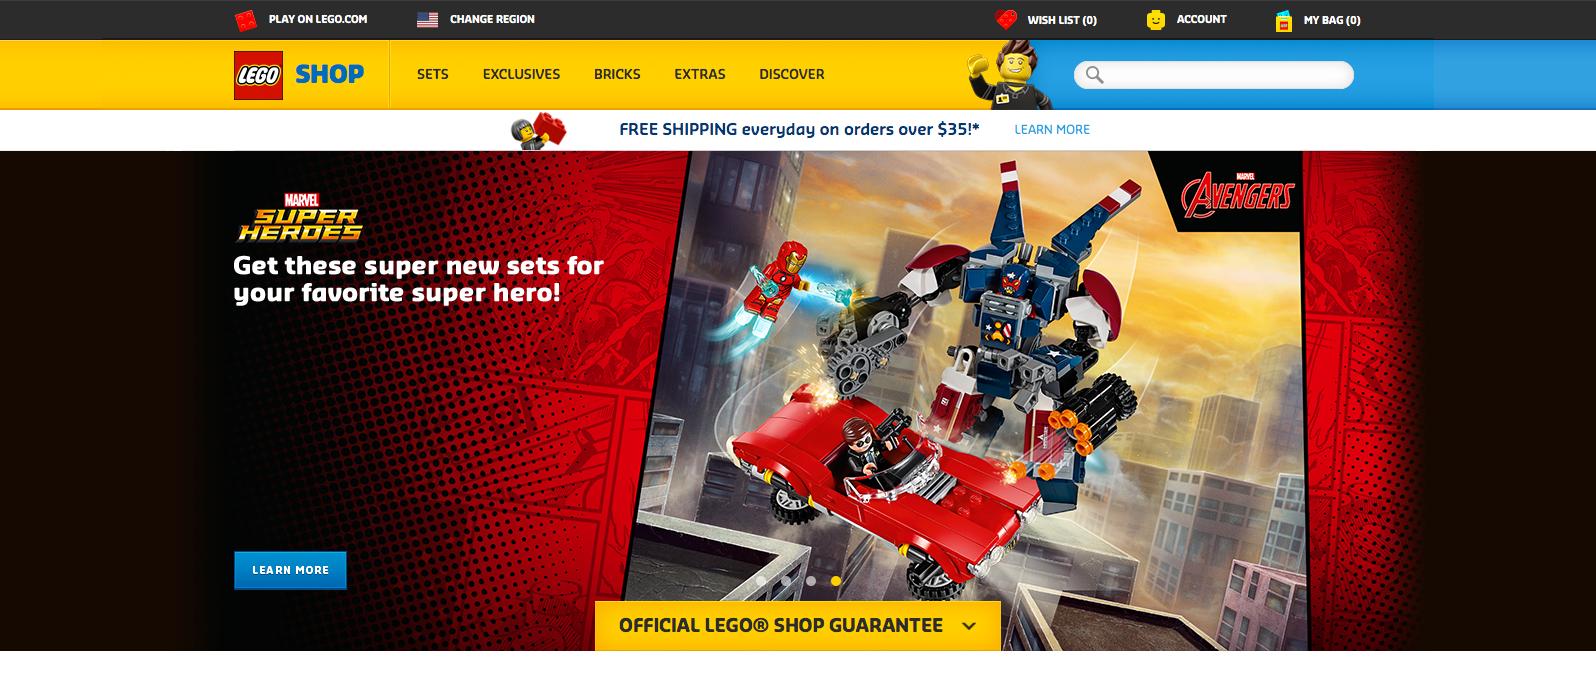 Homepage Header - Version 2 (Europe)